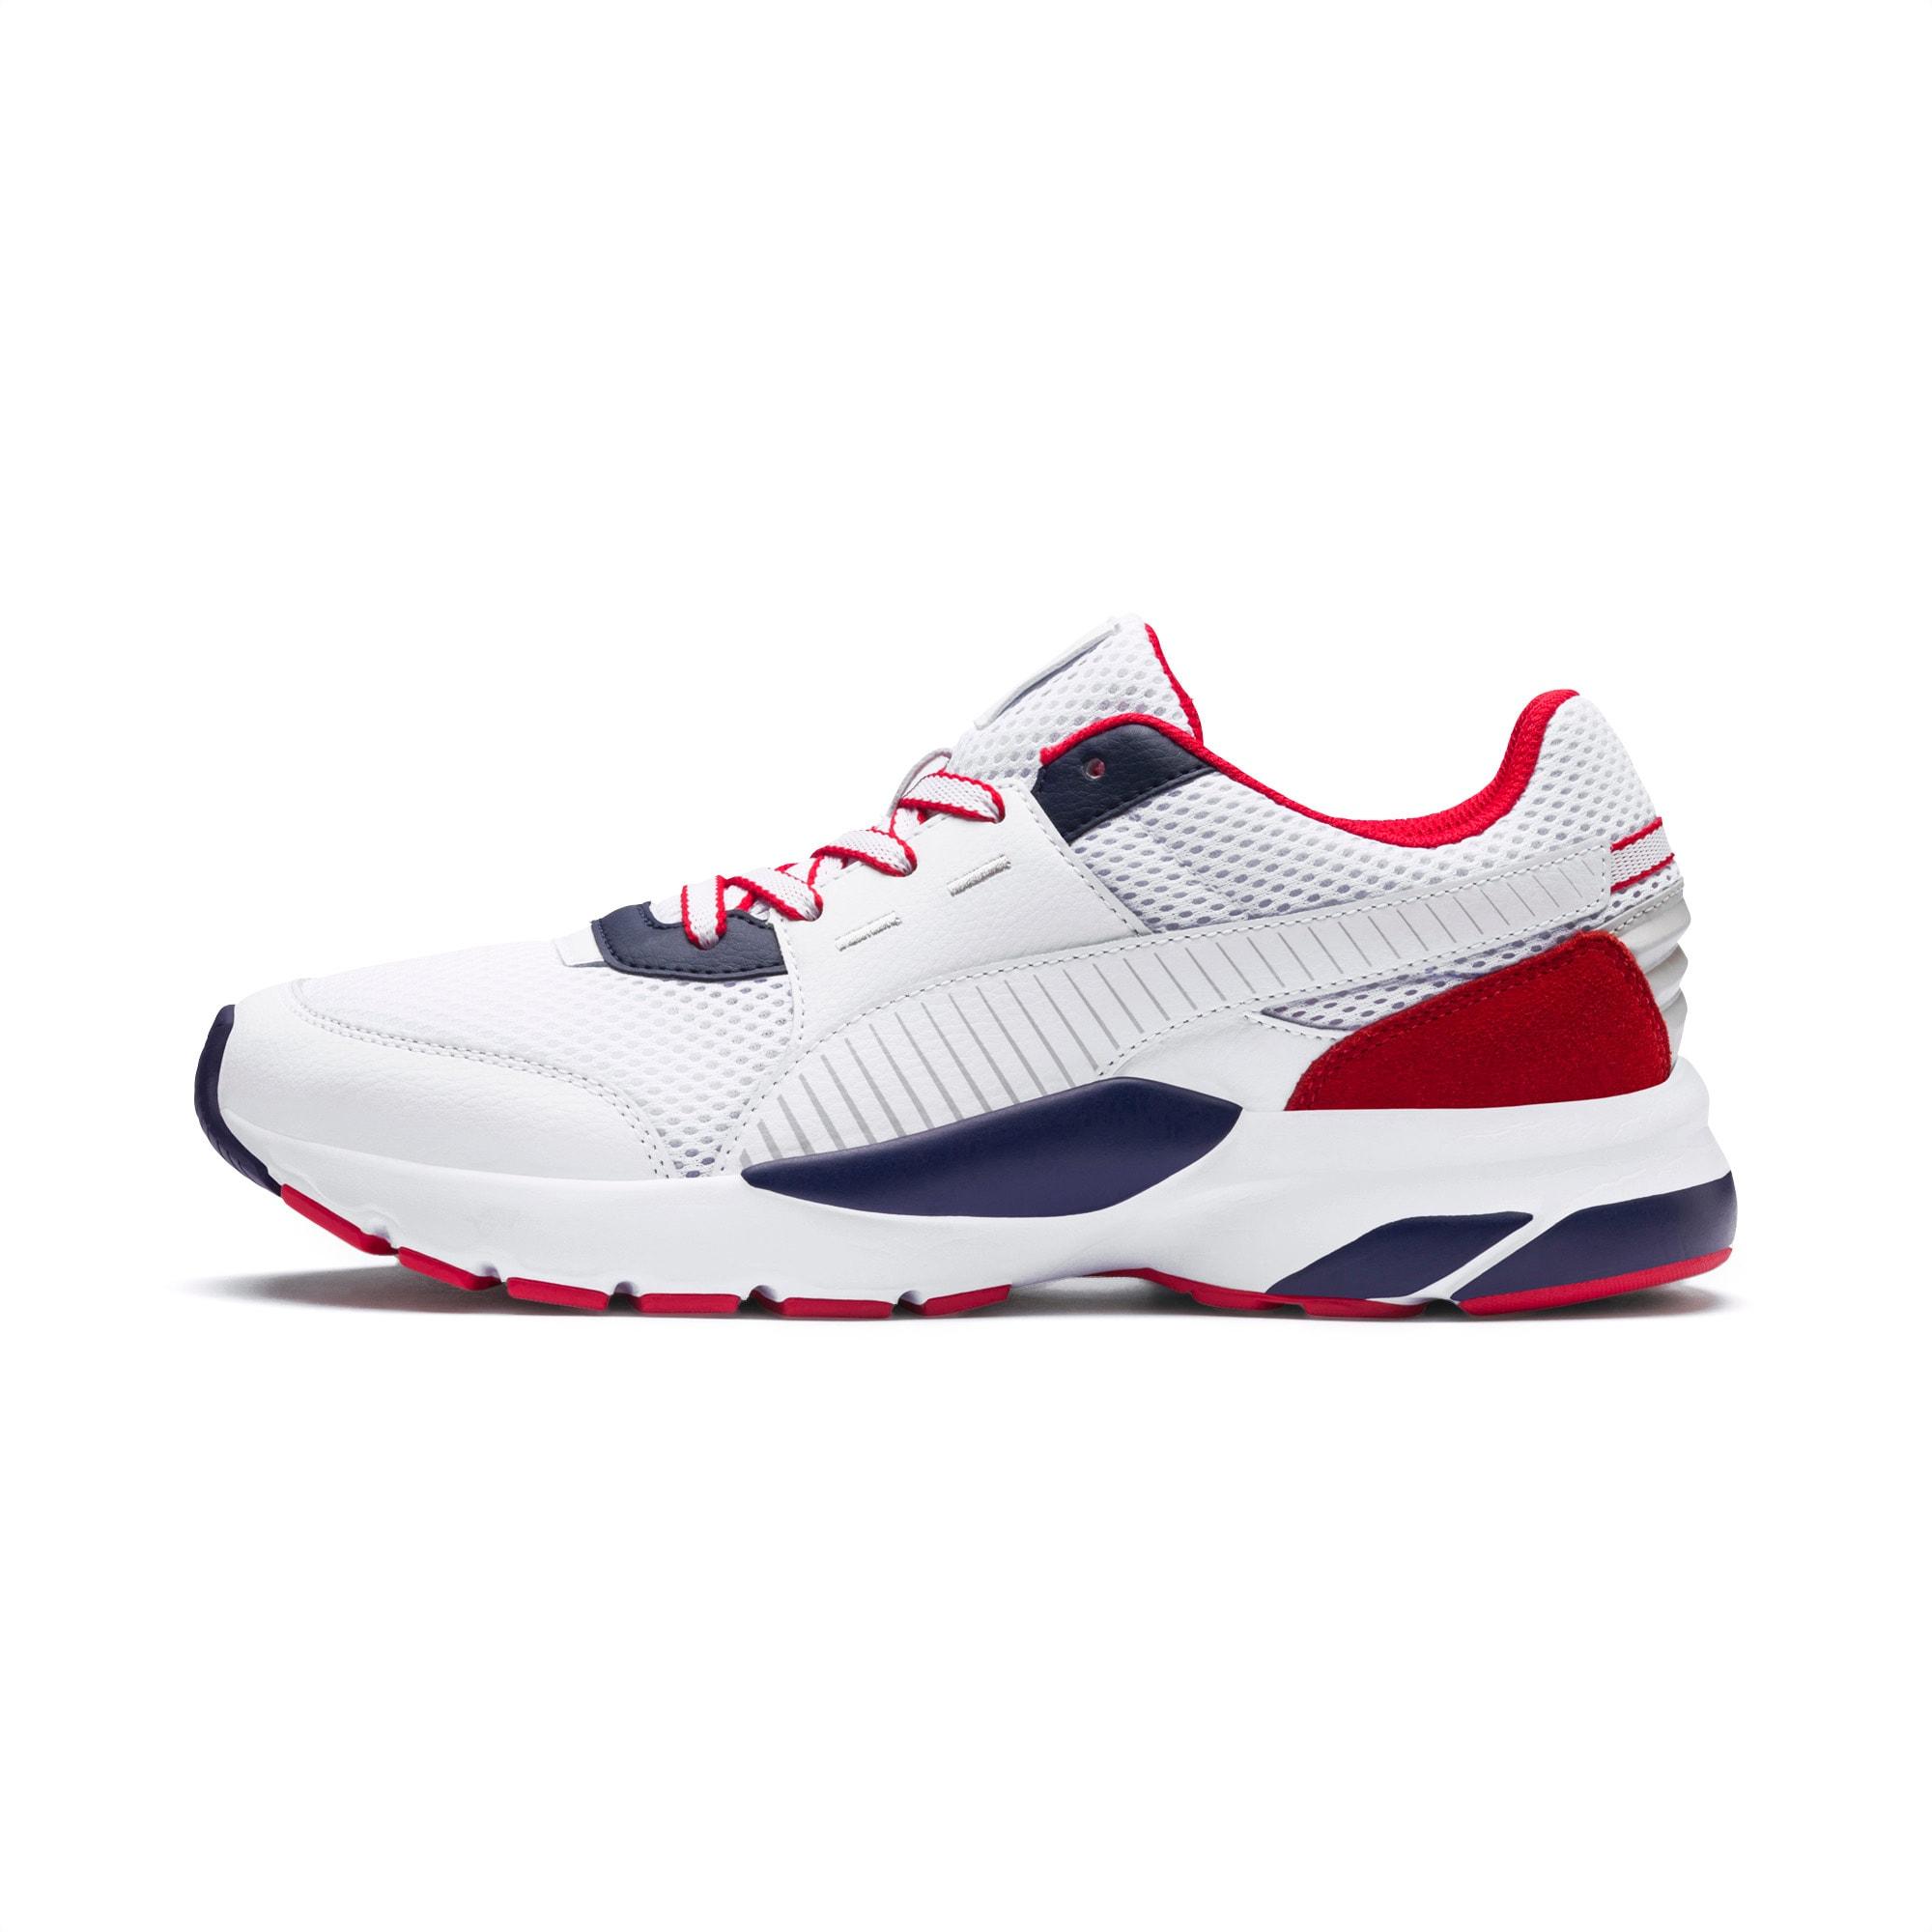 puma future shoes